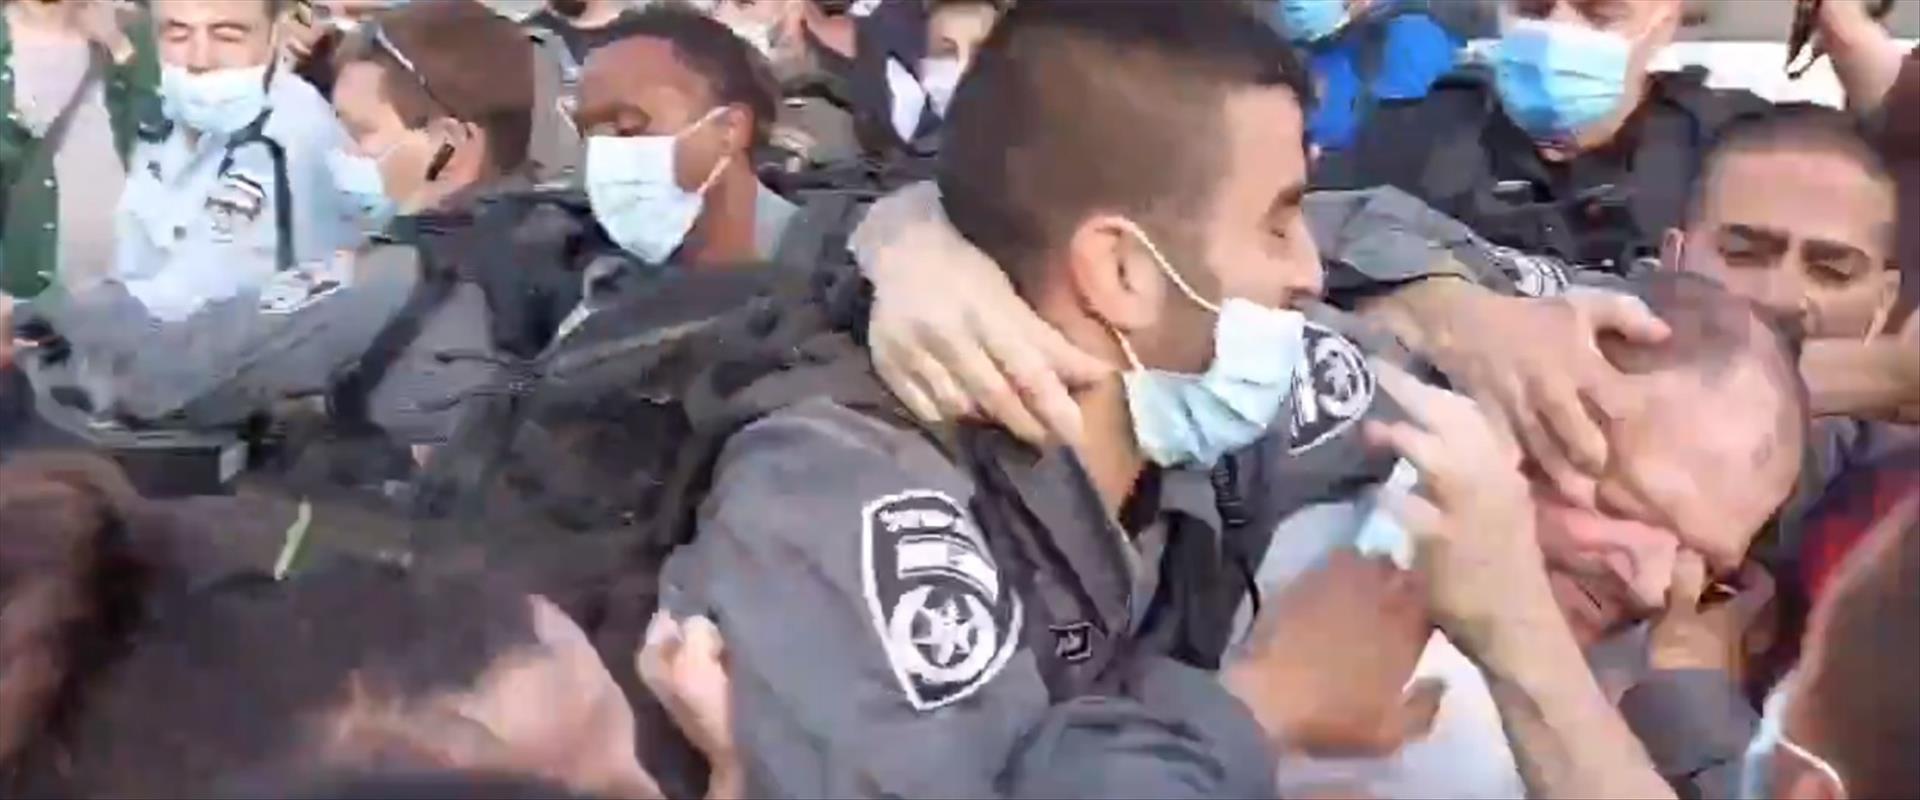 תקיפת עופר כסיף על ידי שוטרים, שלשום